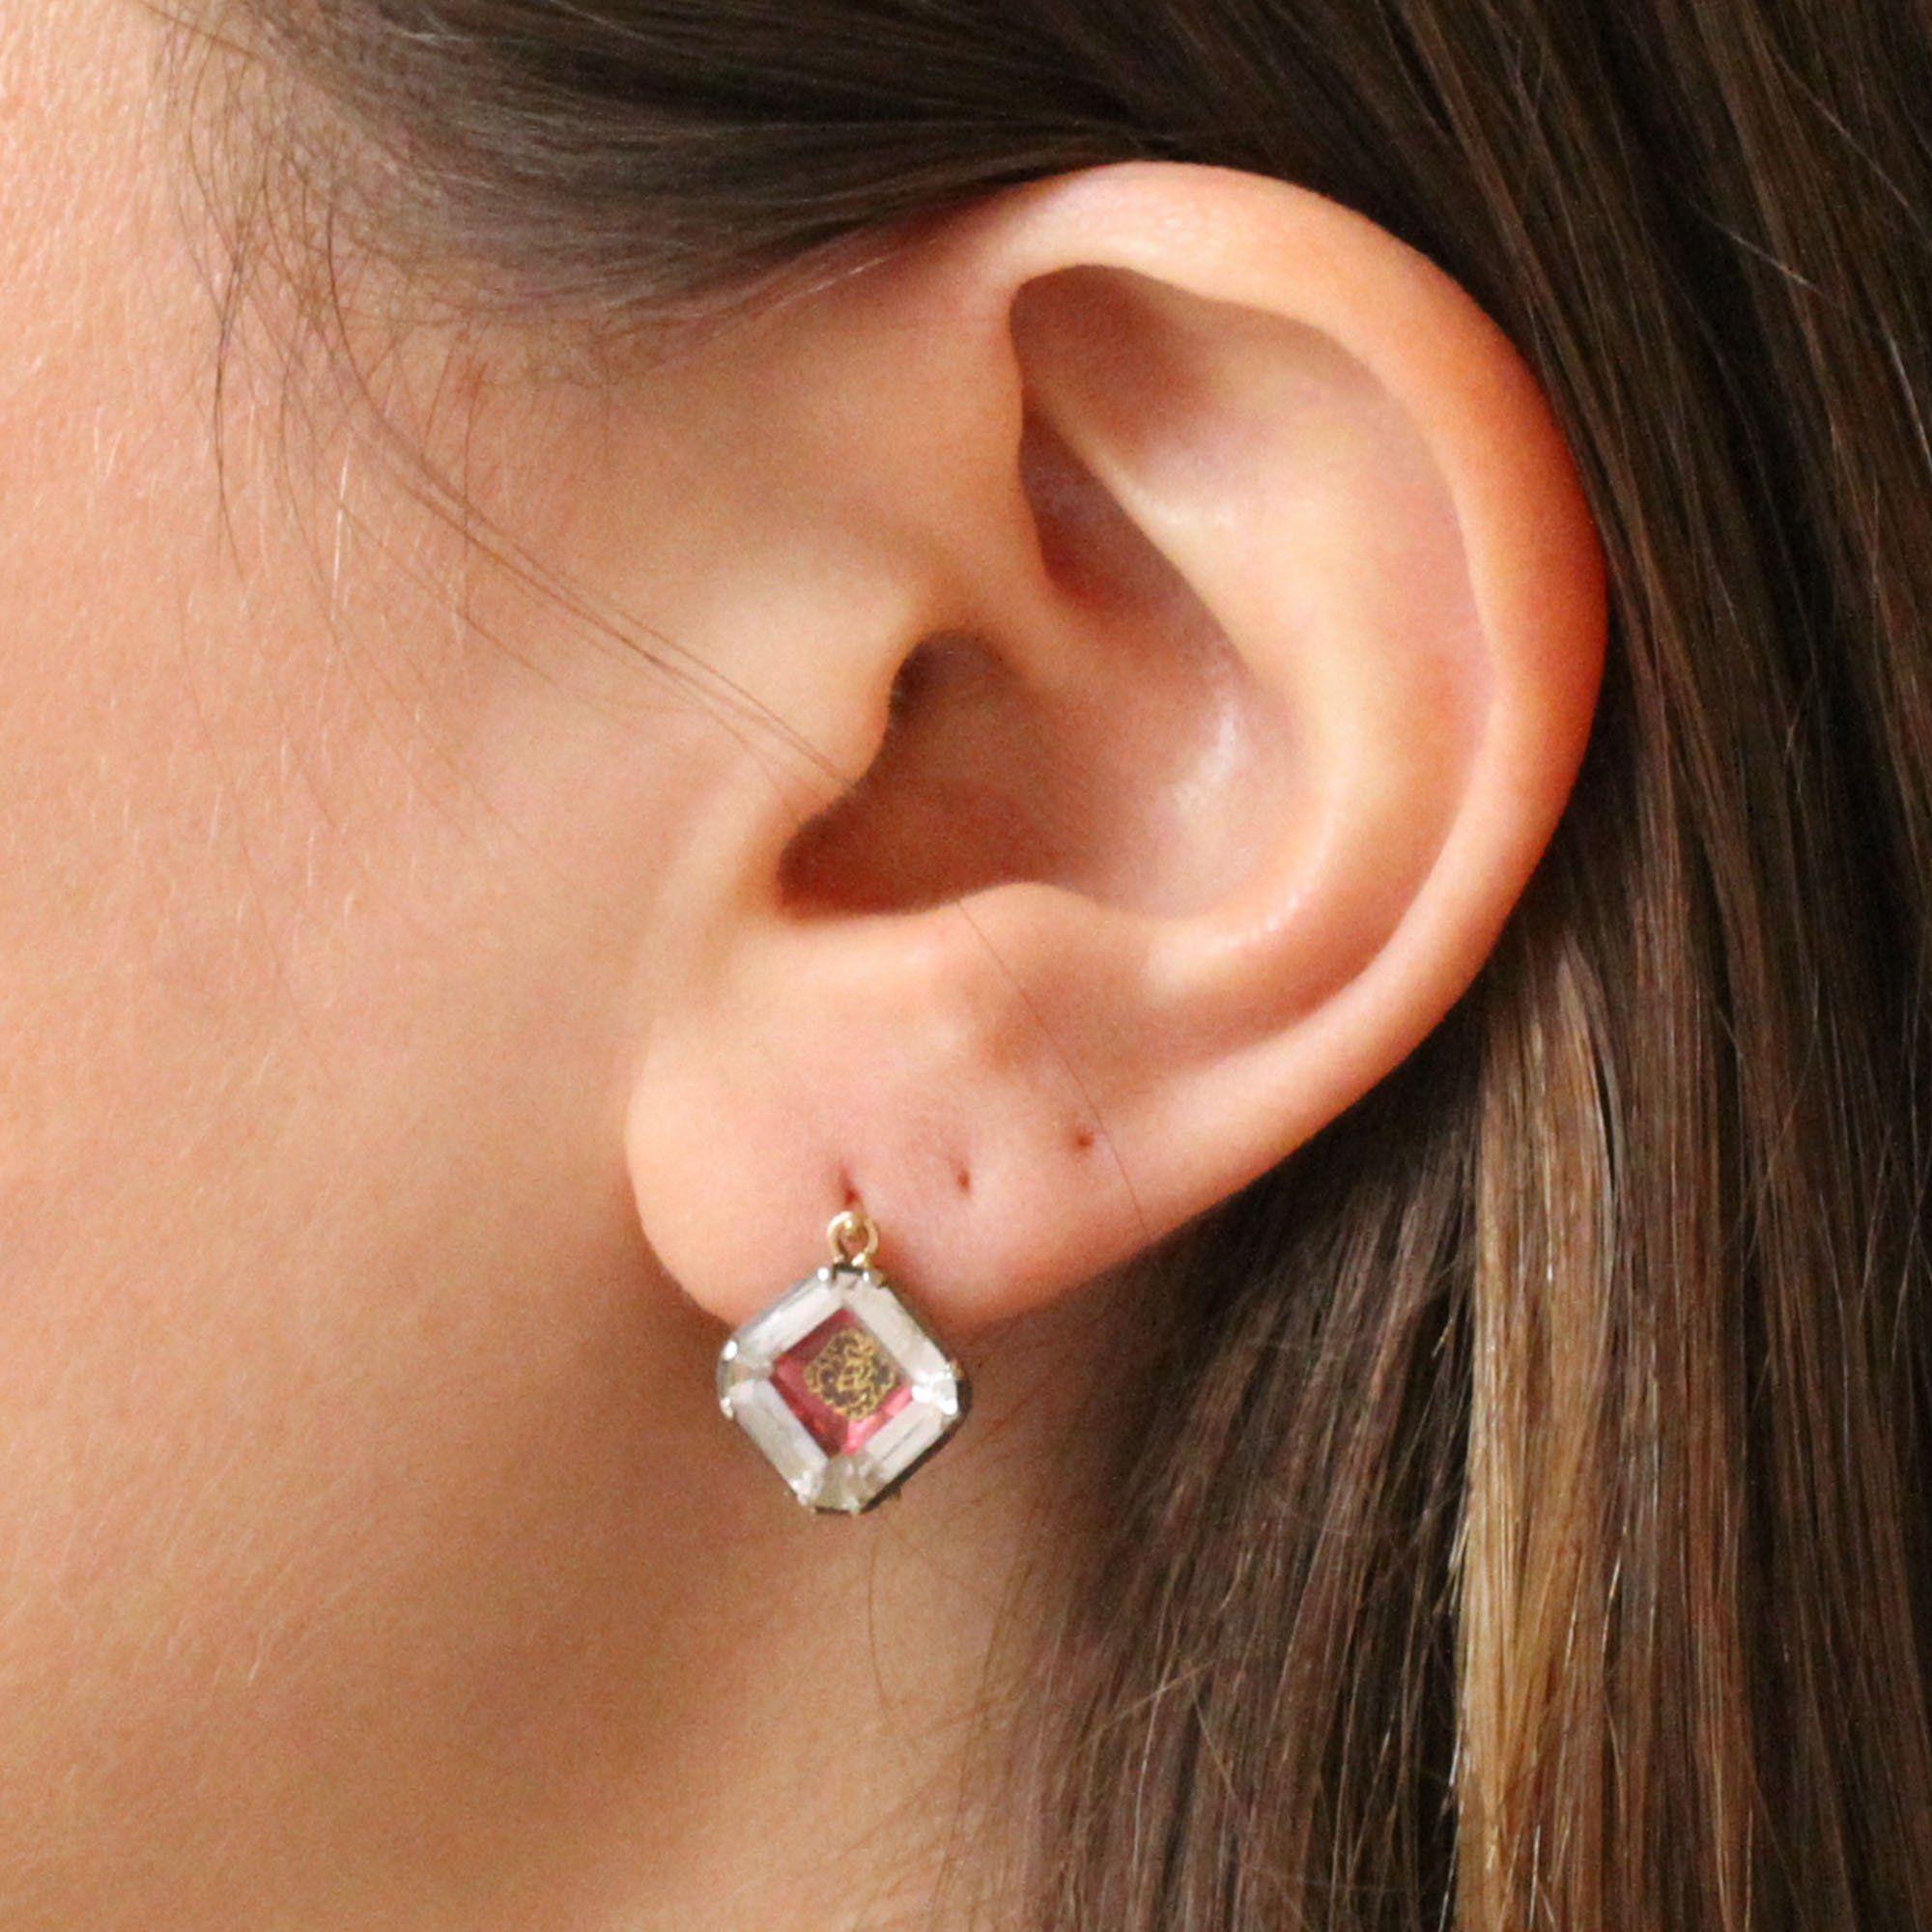 Pink Stuart Crystal earrings worn on an ear